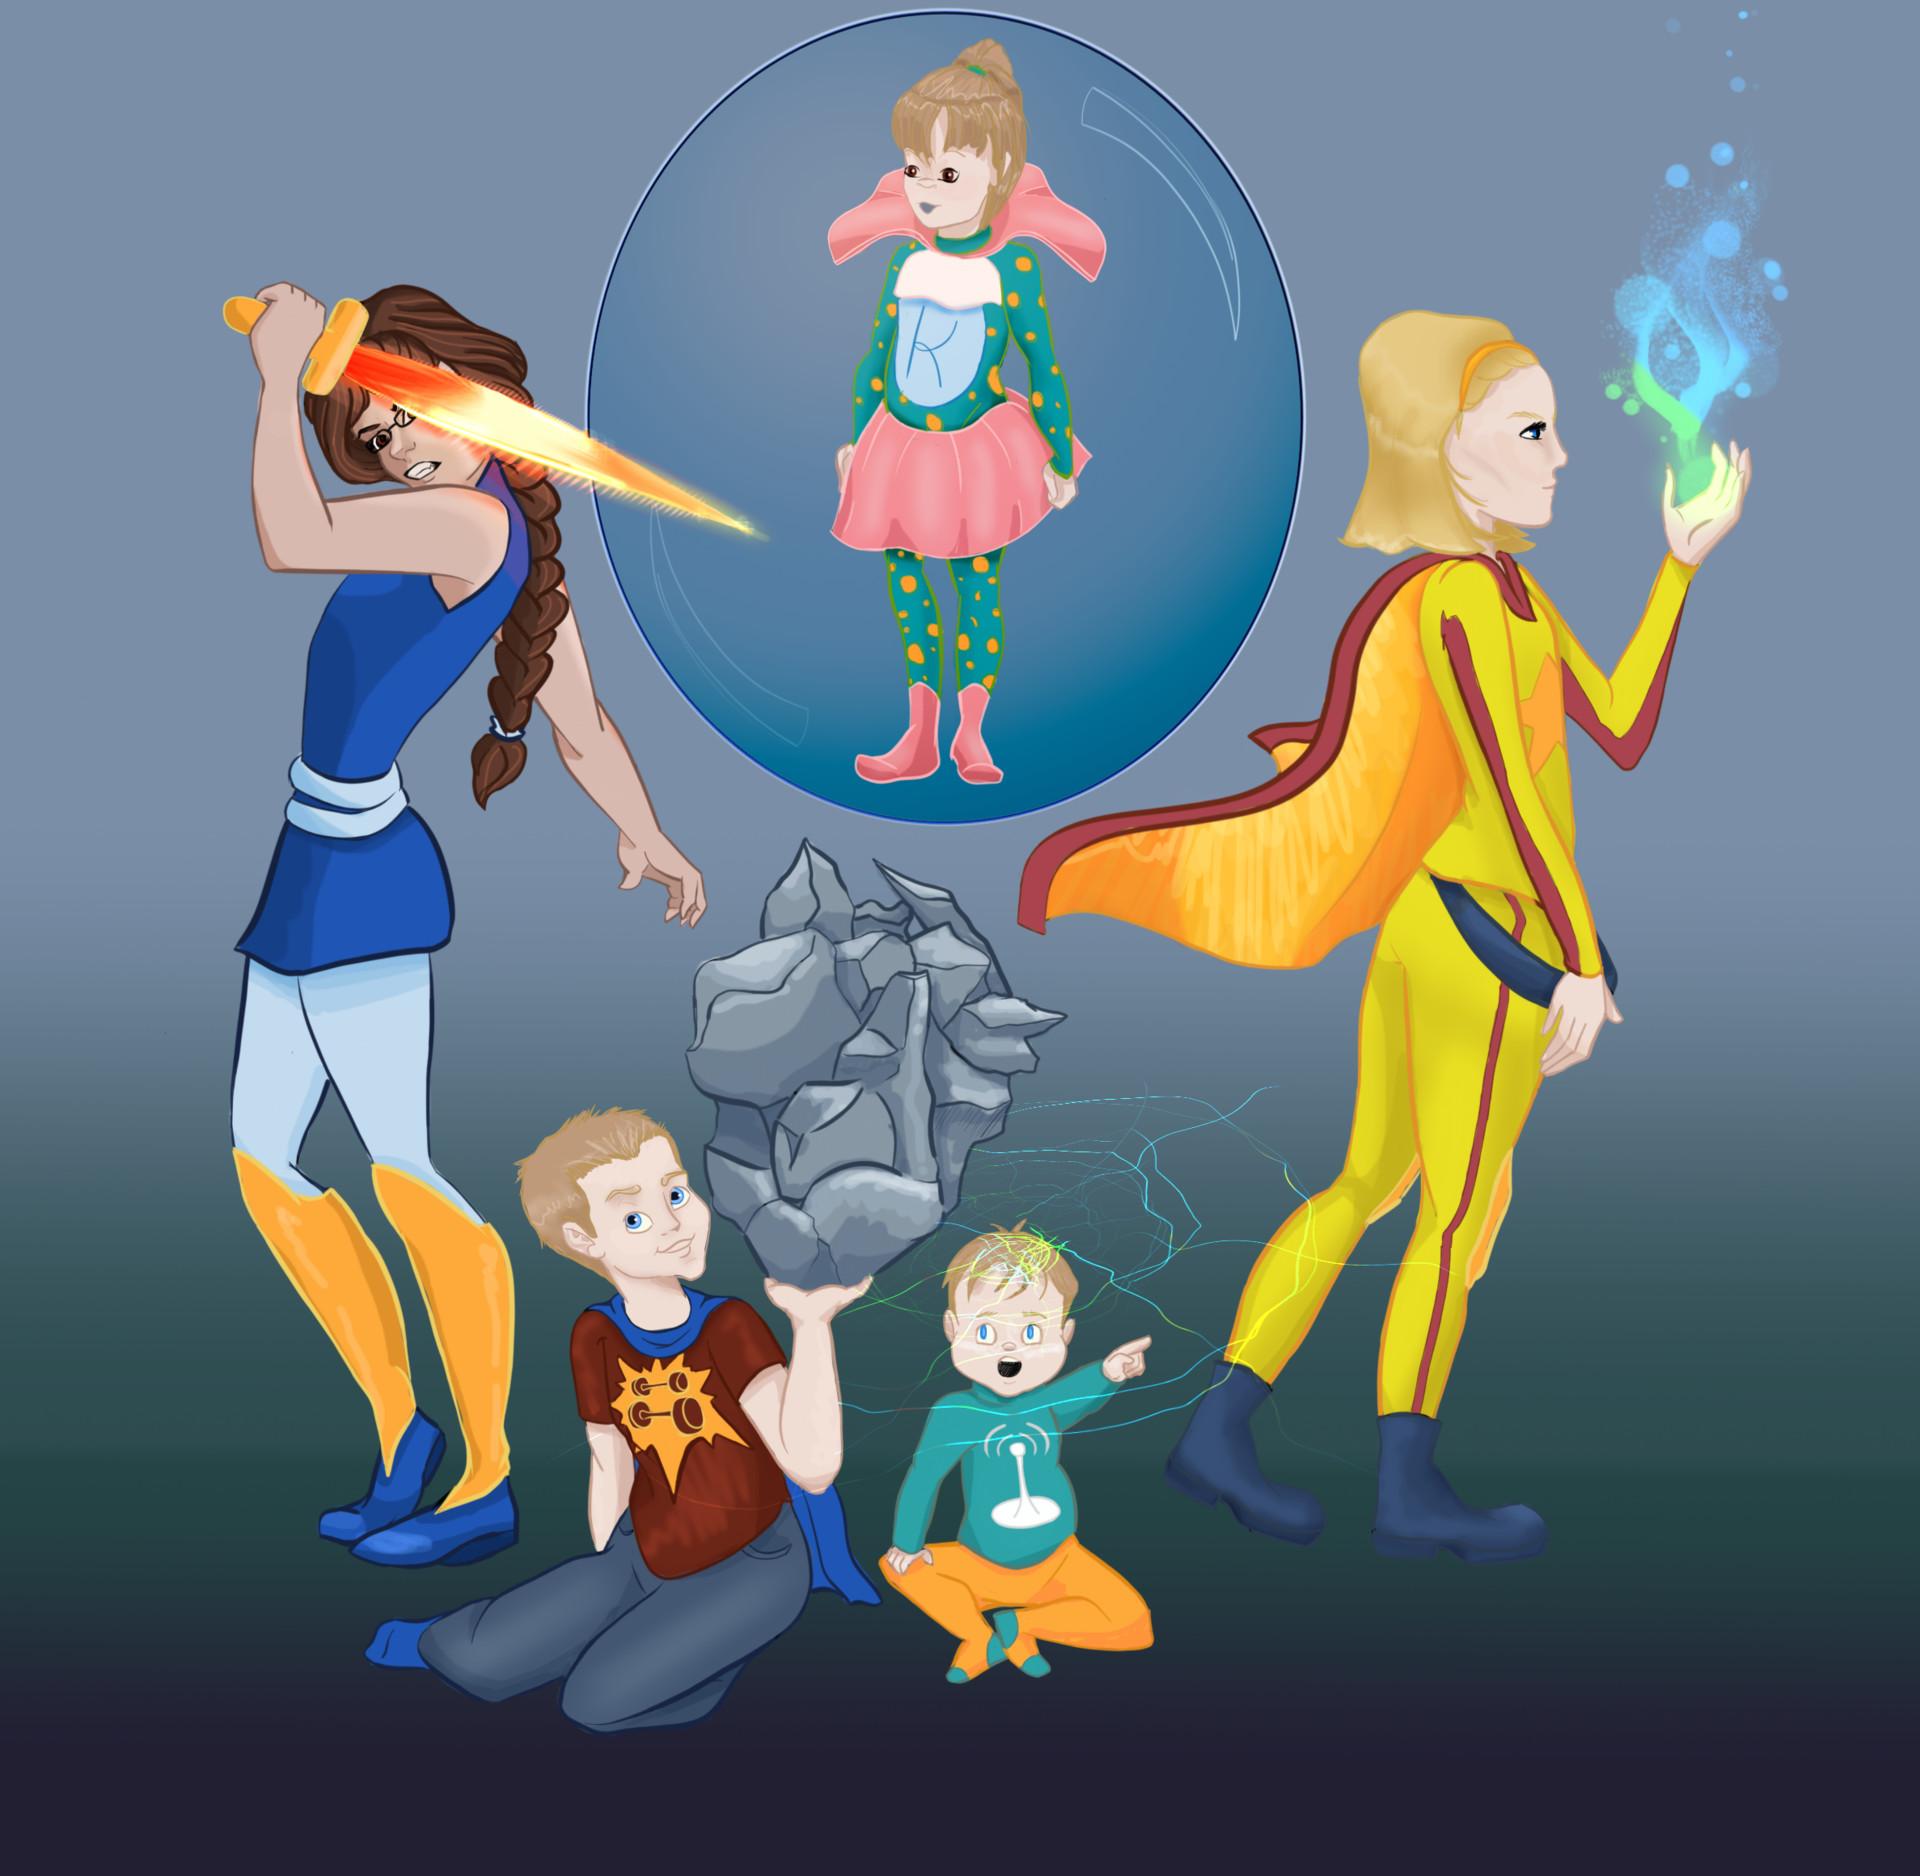 ArtStation - Super Kids, Antonia Arcella